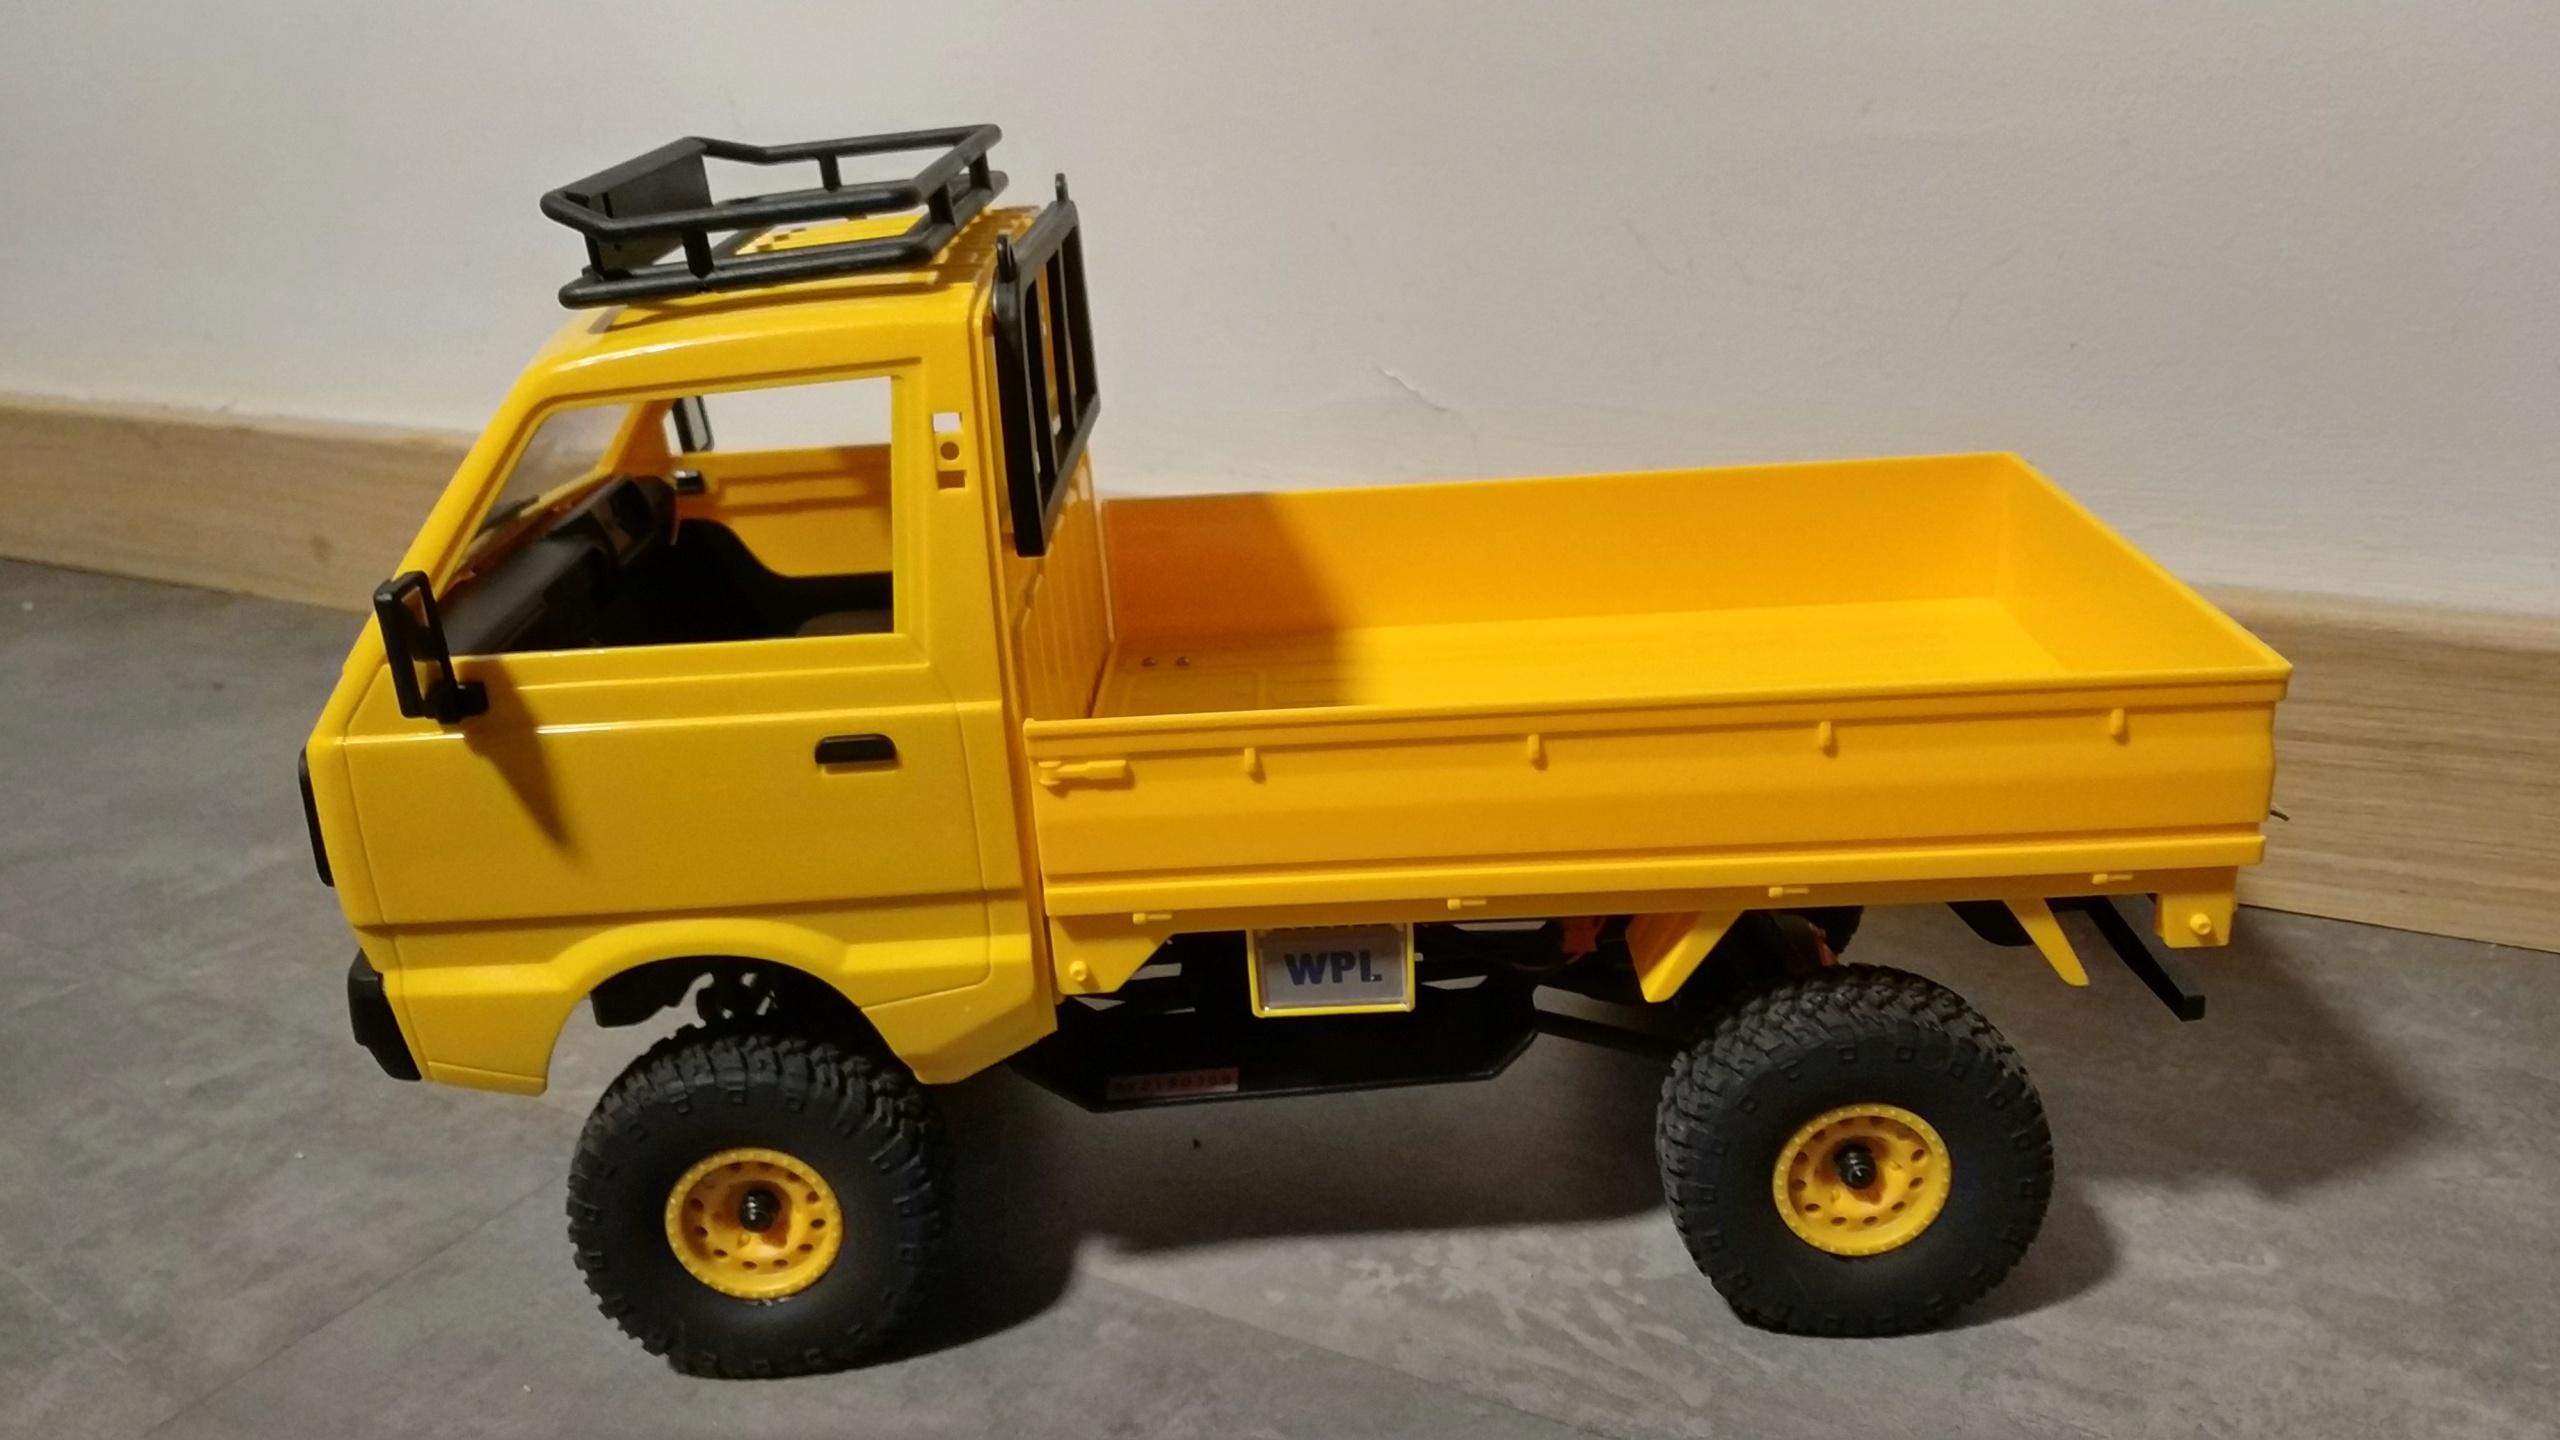 Un énorme camion de plus, le WPL D12 Suzuki Carry 1/10... - Page 3 Img_2853